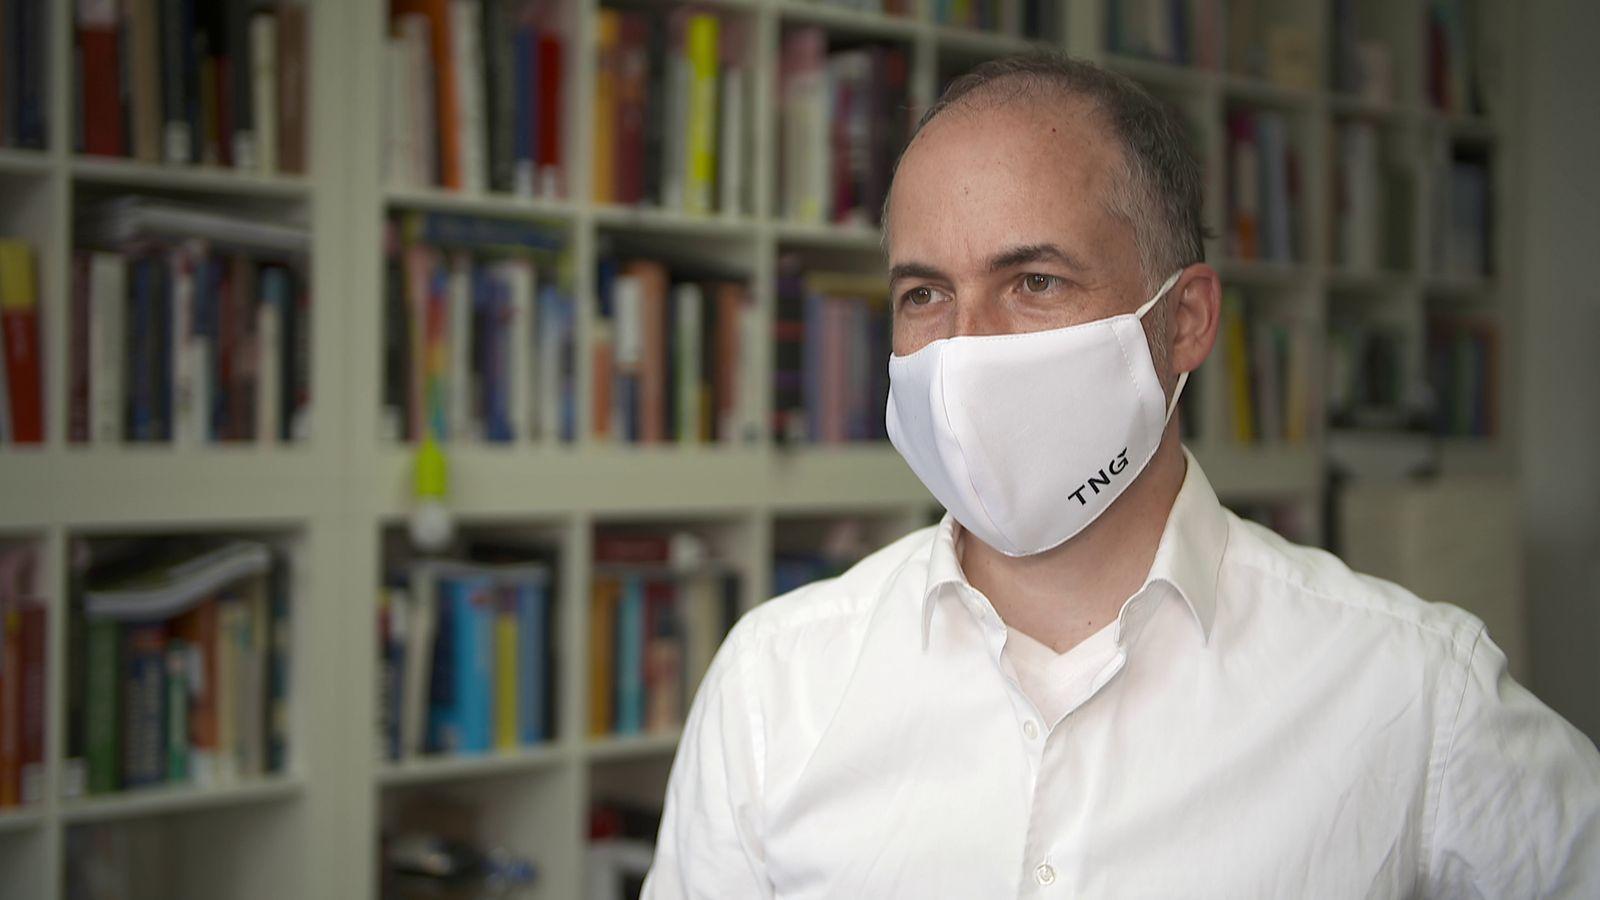 Psychologe erklärt: Darum ist Maske-Tragen so wichtig